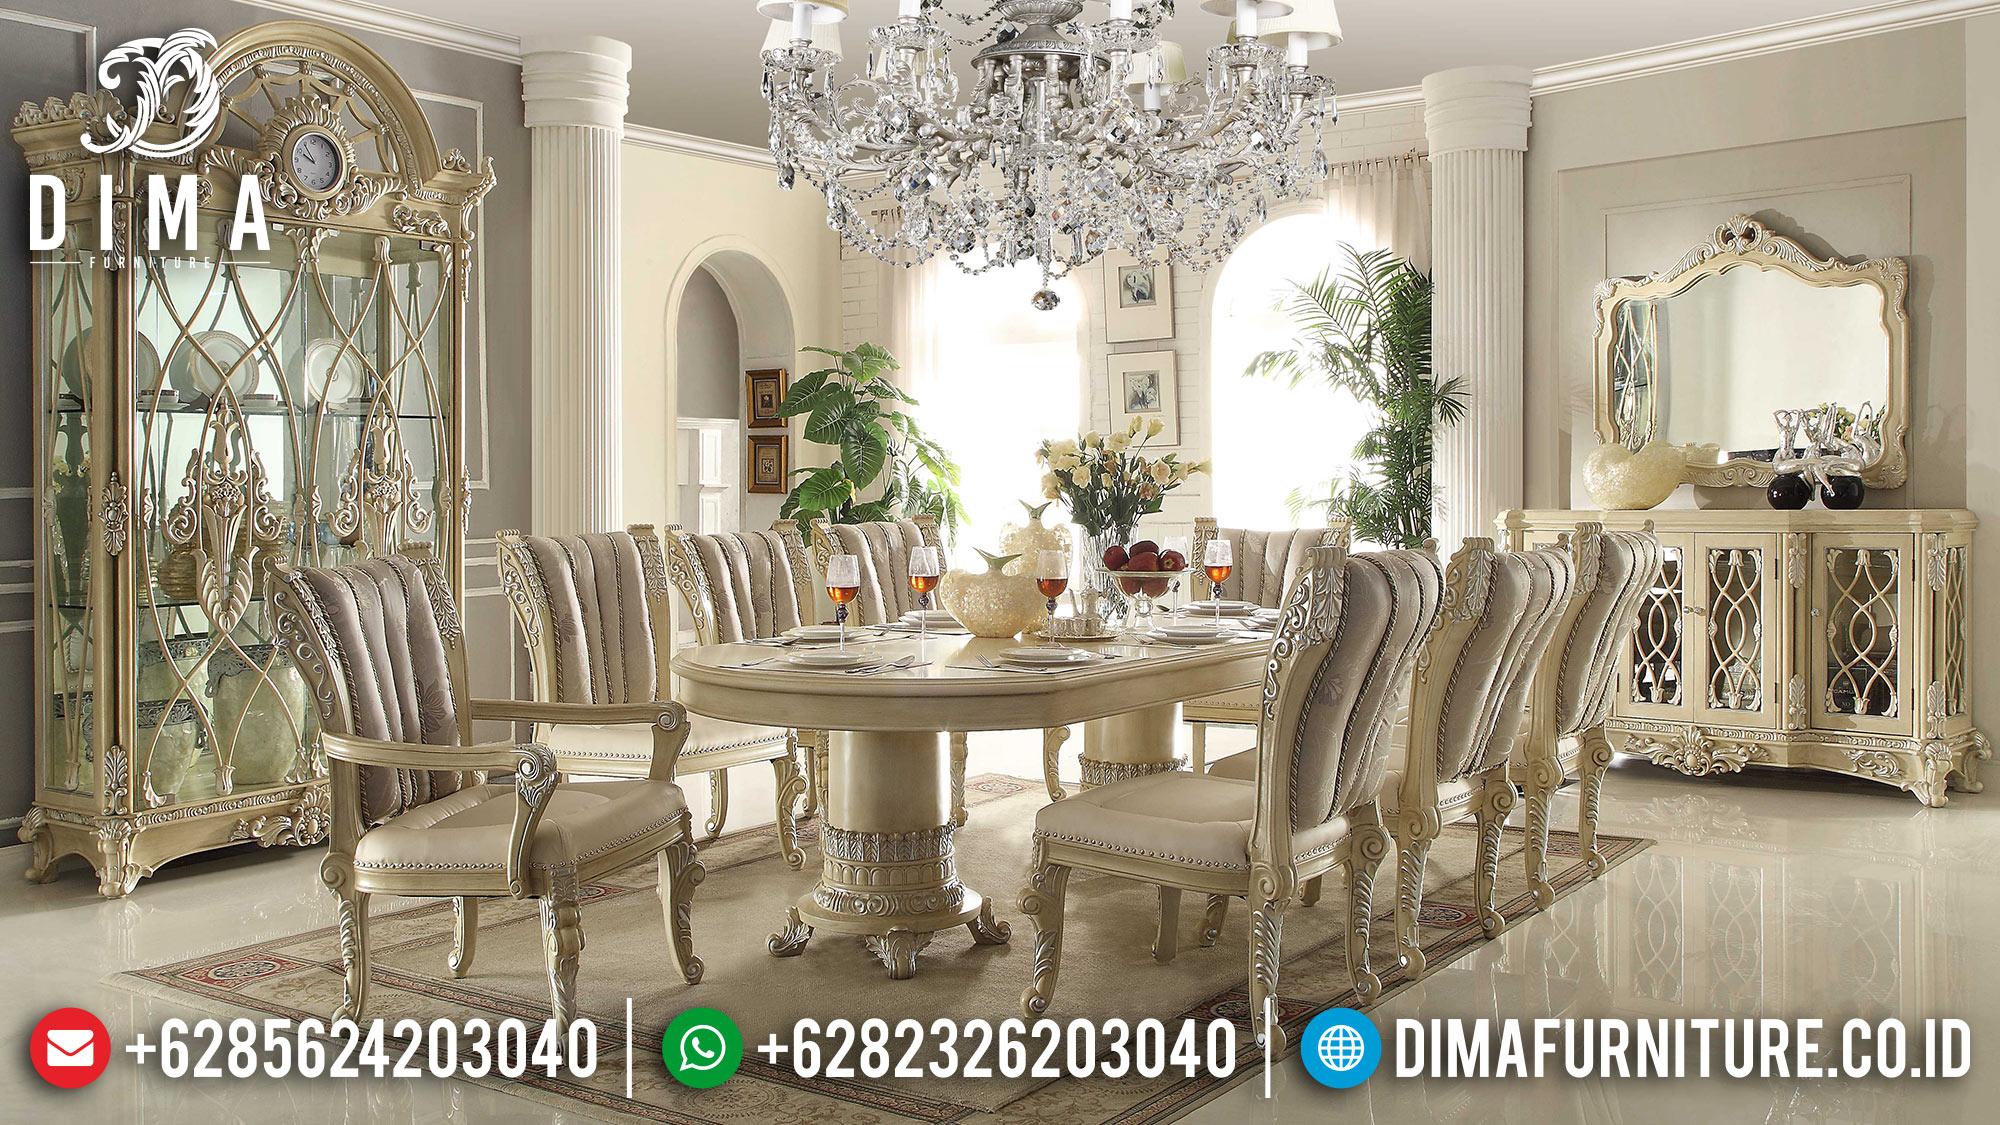 Meja Makan Mewah Jepara Terbaru 2018 07 Dima Furniture Jepara